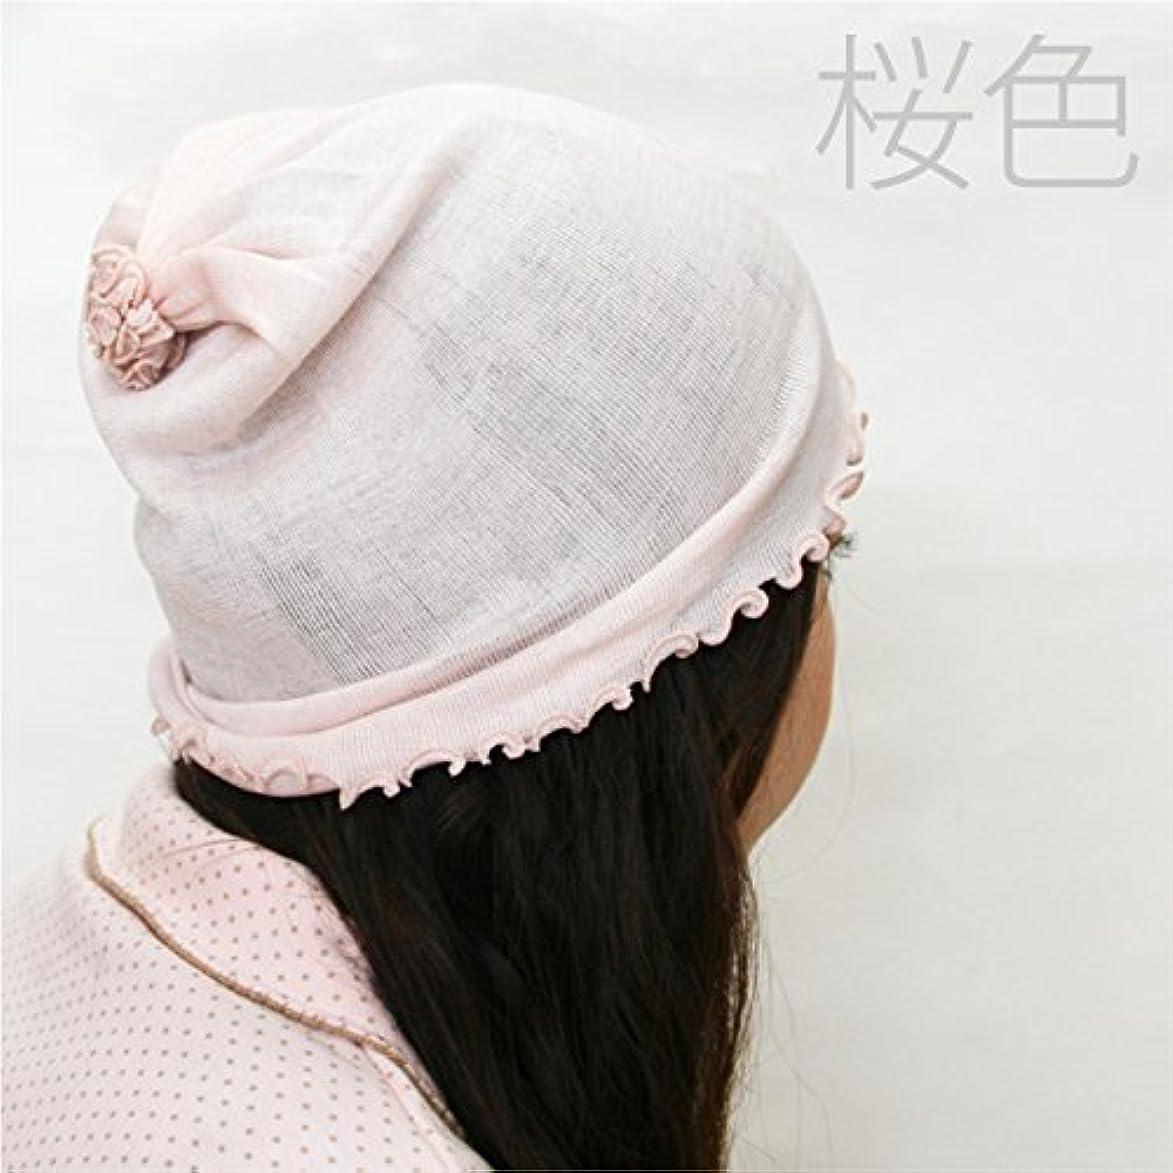 出演者リズミカルな時折絹屋 シルクナイトキャップ SO4463 02桜色